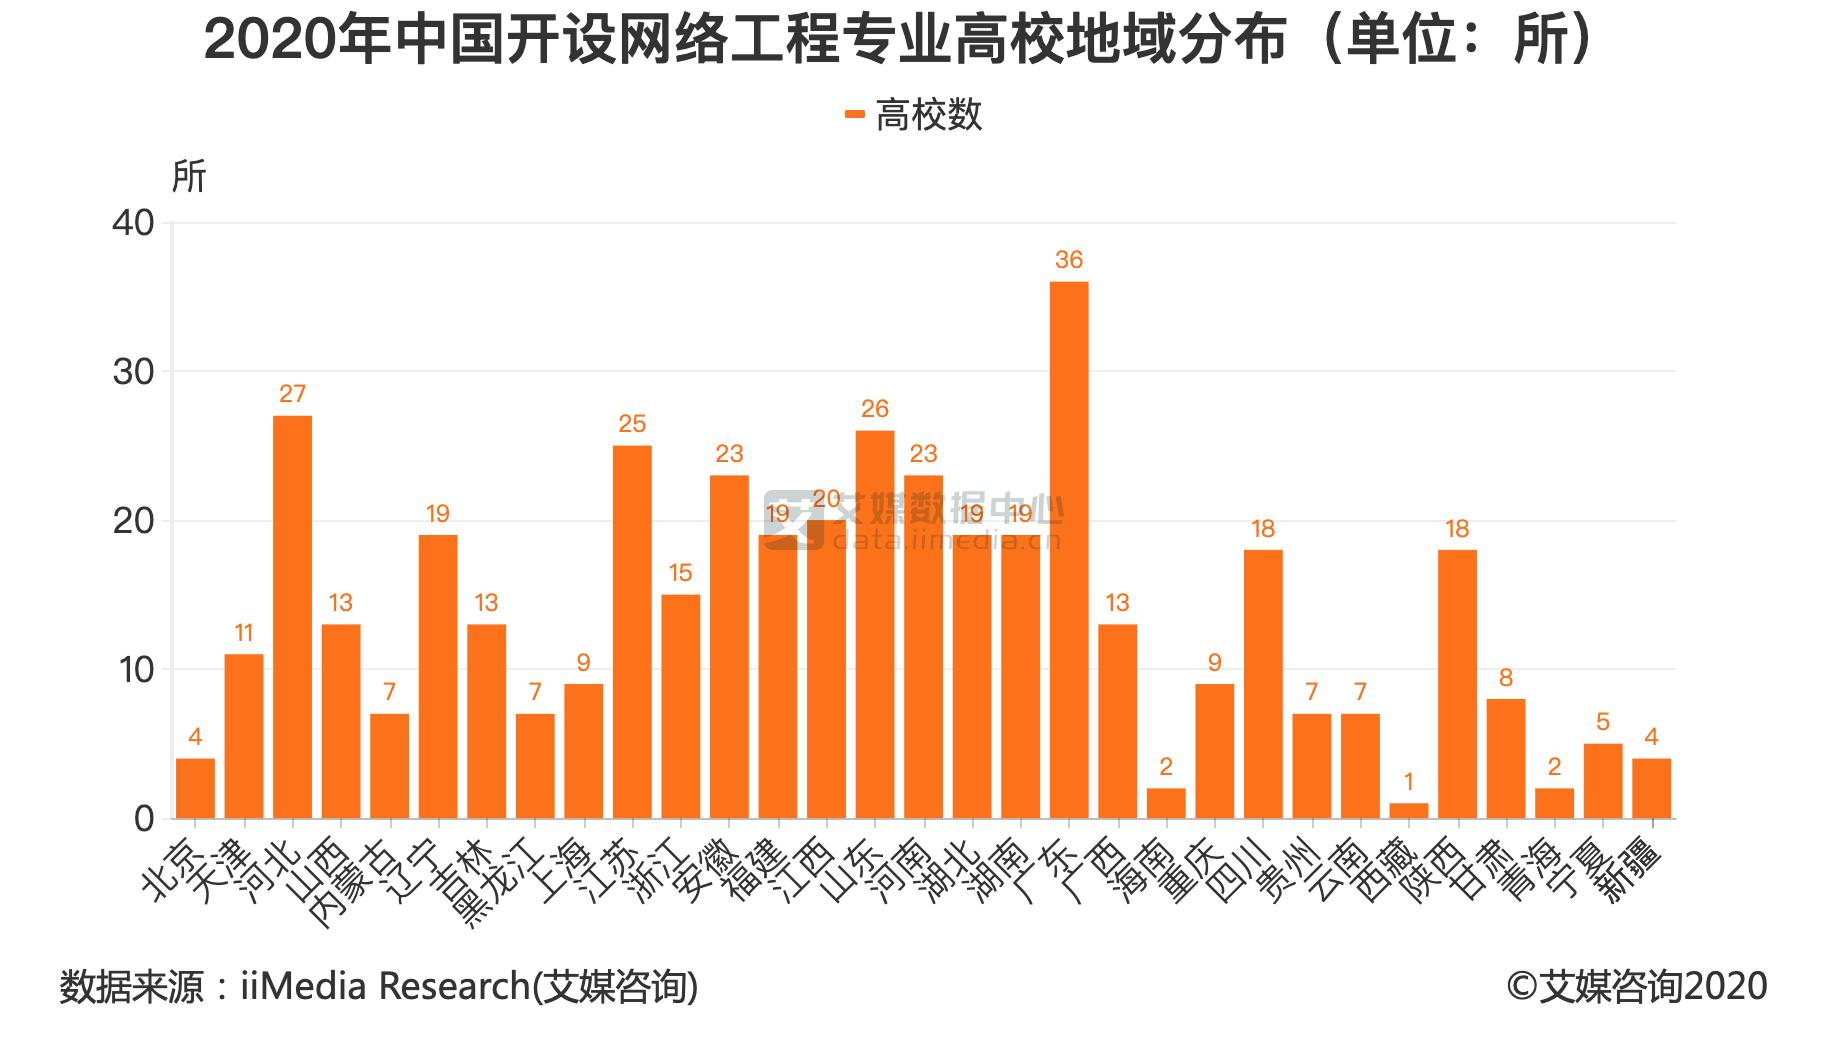 2020年中国开设网络工程专业高校地域分布(单位:所)